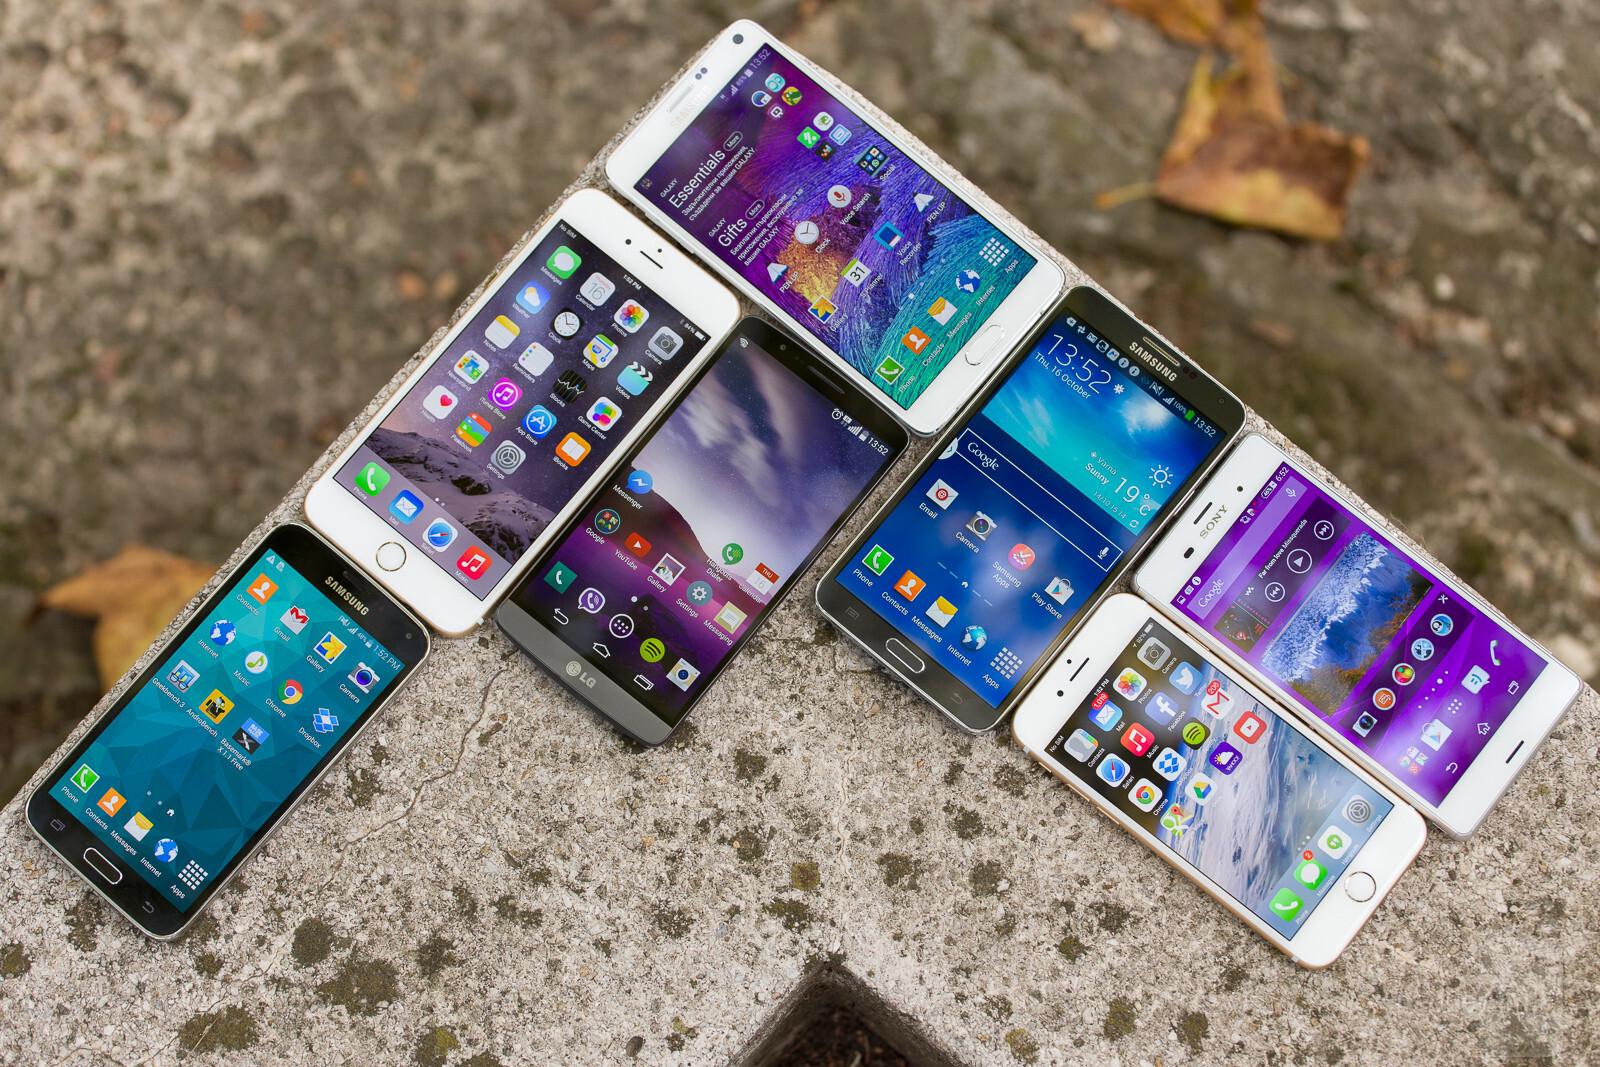 camera comparison  samsung galaxy note 4 vs iphone 6